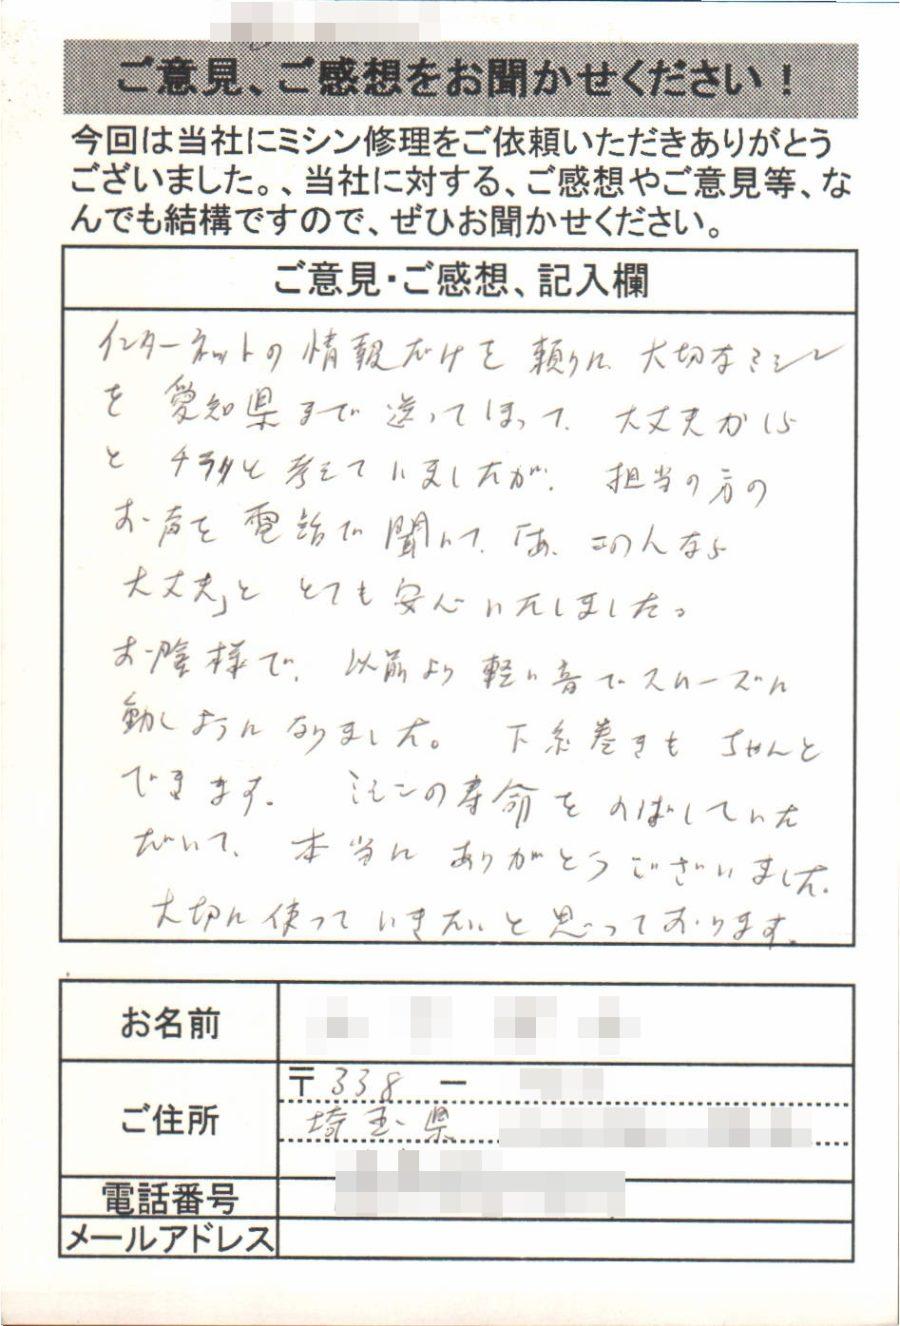 埼玉県からミシン修理のお客様の声